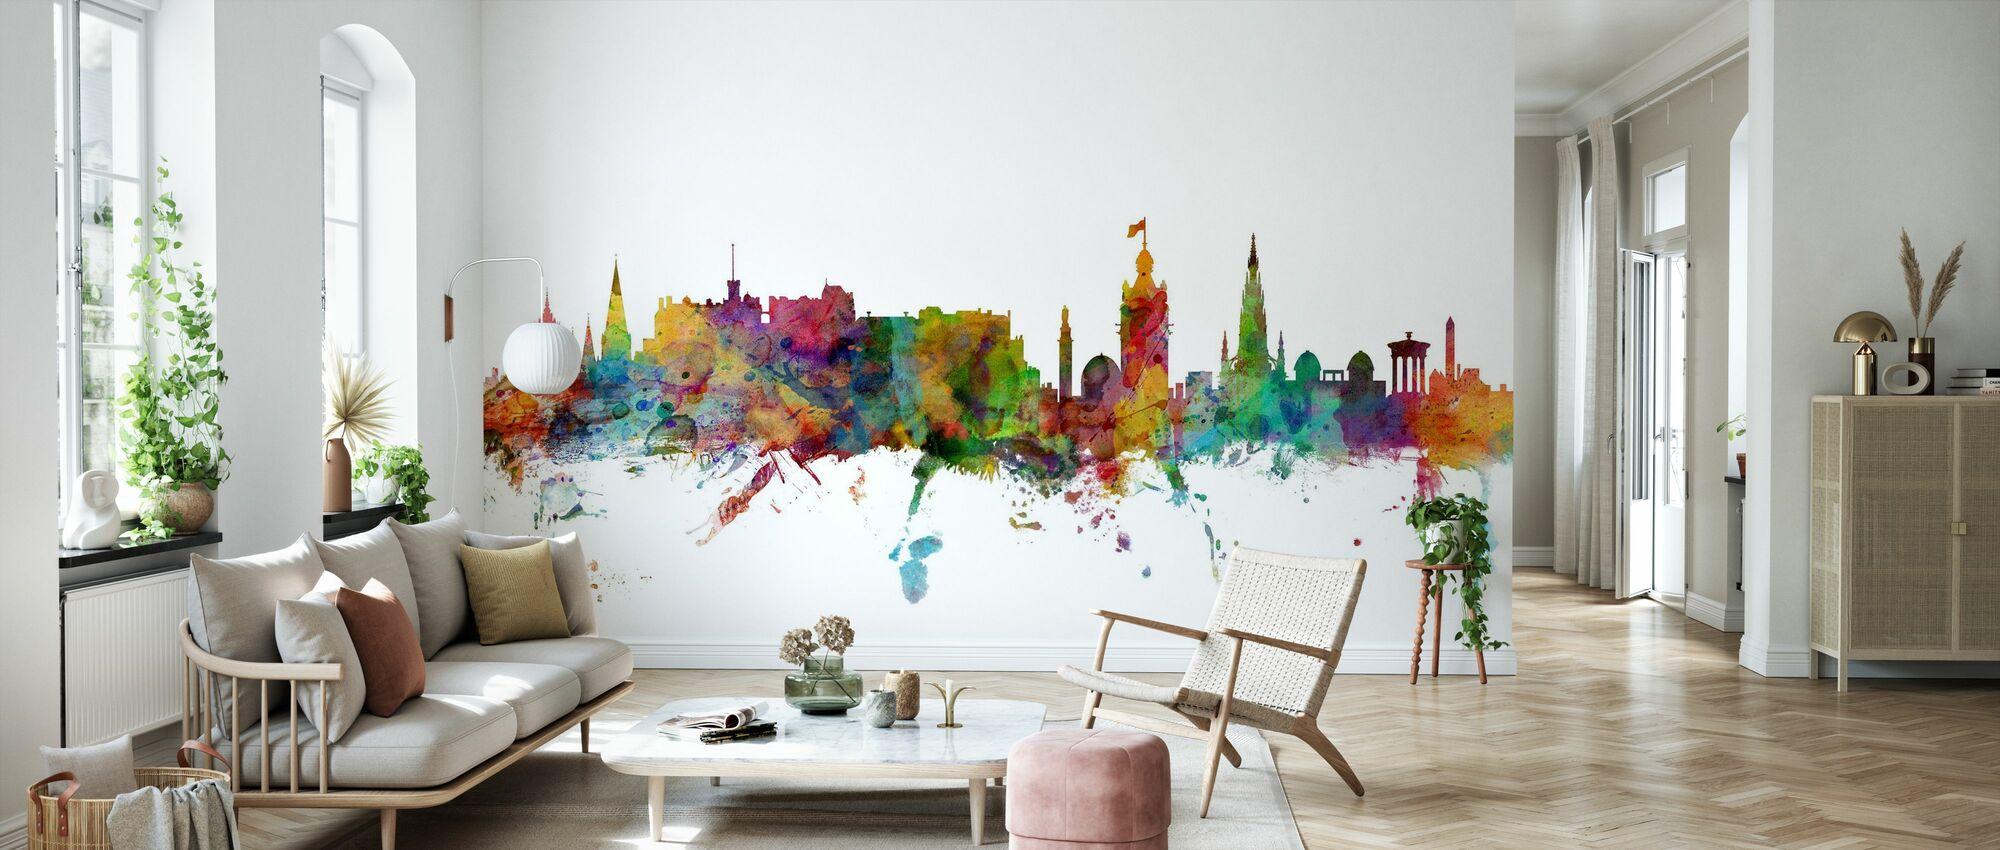 Skyline de Edimburgo - Papel pintado - Salón